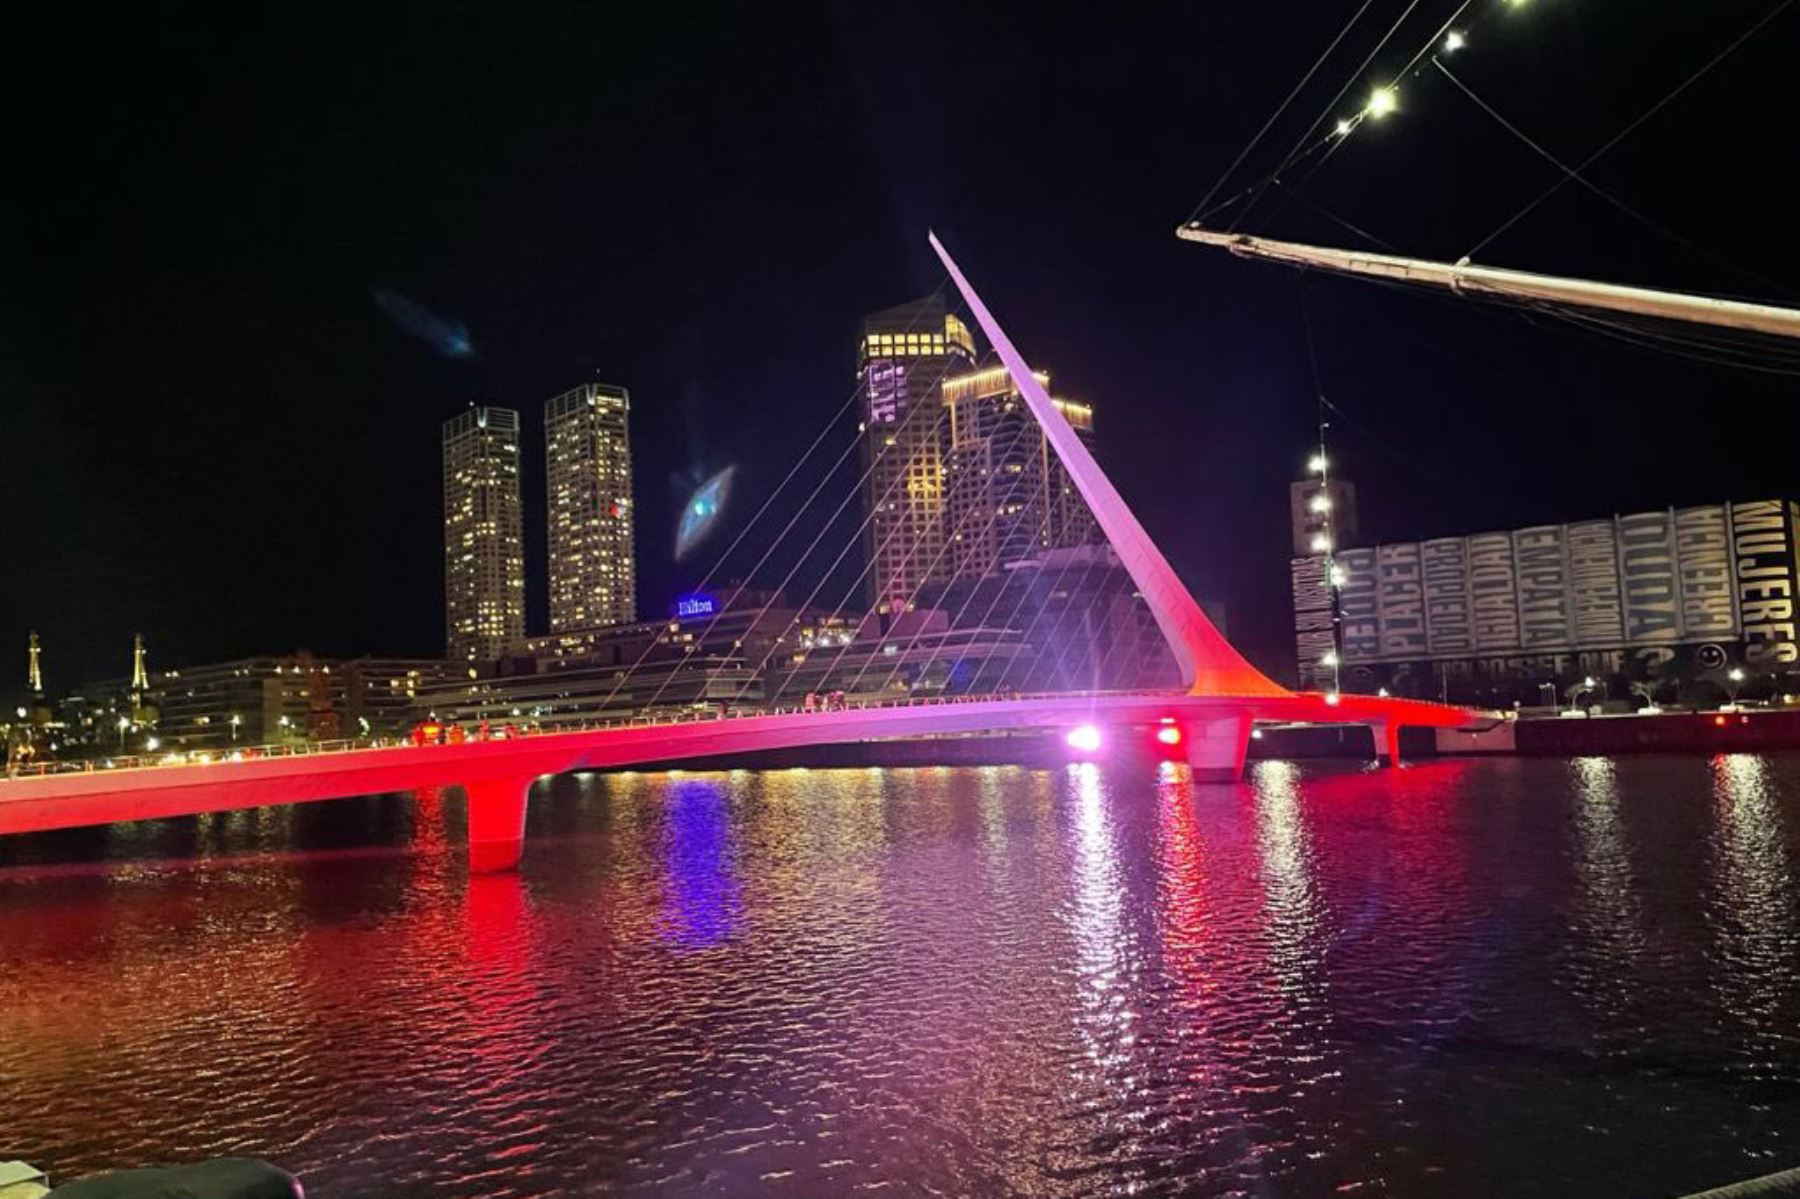 En conmemoración del Bicentenario Perú, la ciudad de Buenos Aires iluminó de rojo y blanco los principales monumentos: El Obelisco, la Torre Monumental, el Puente de la Mujer y la Usina del Arte lucieron este 28 de julio los colores patrios. Foto: @CancilleriaPeru